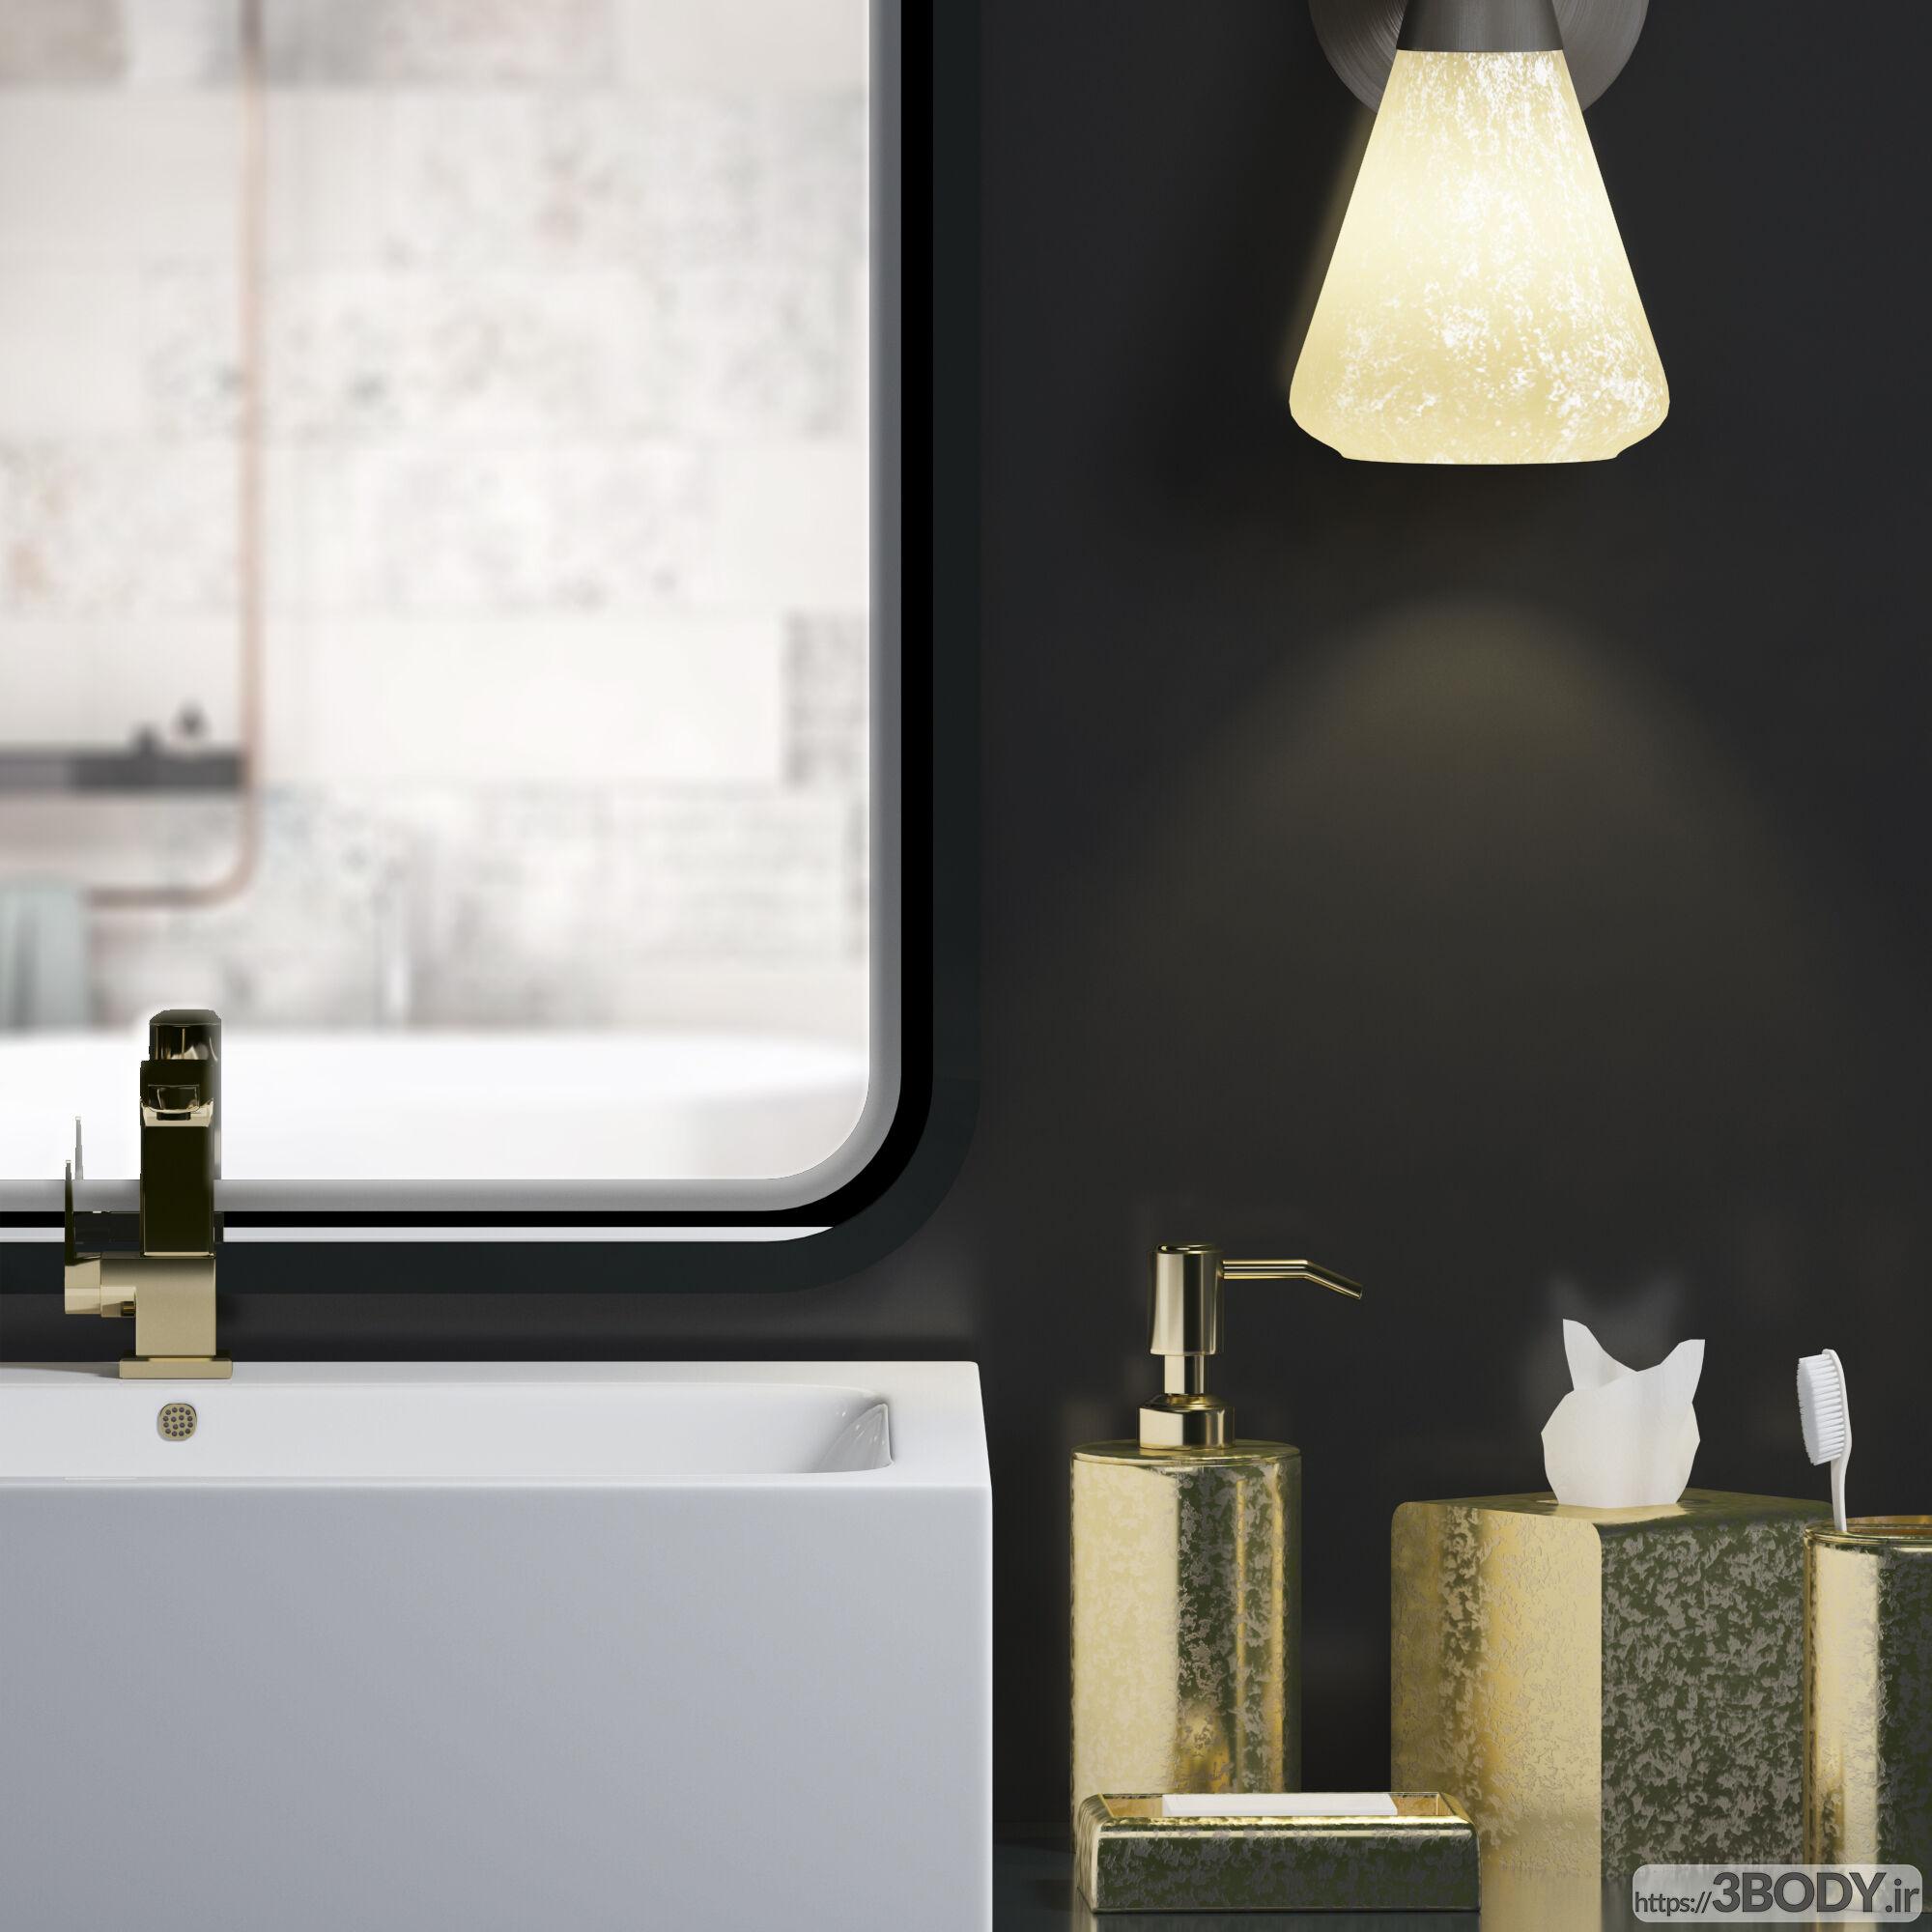 مدل مبلمان و دکور حمام عکس 3